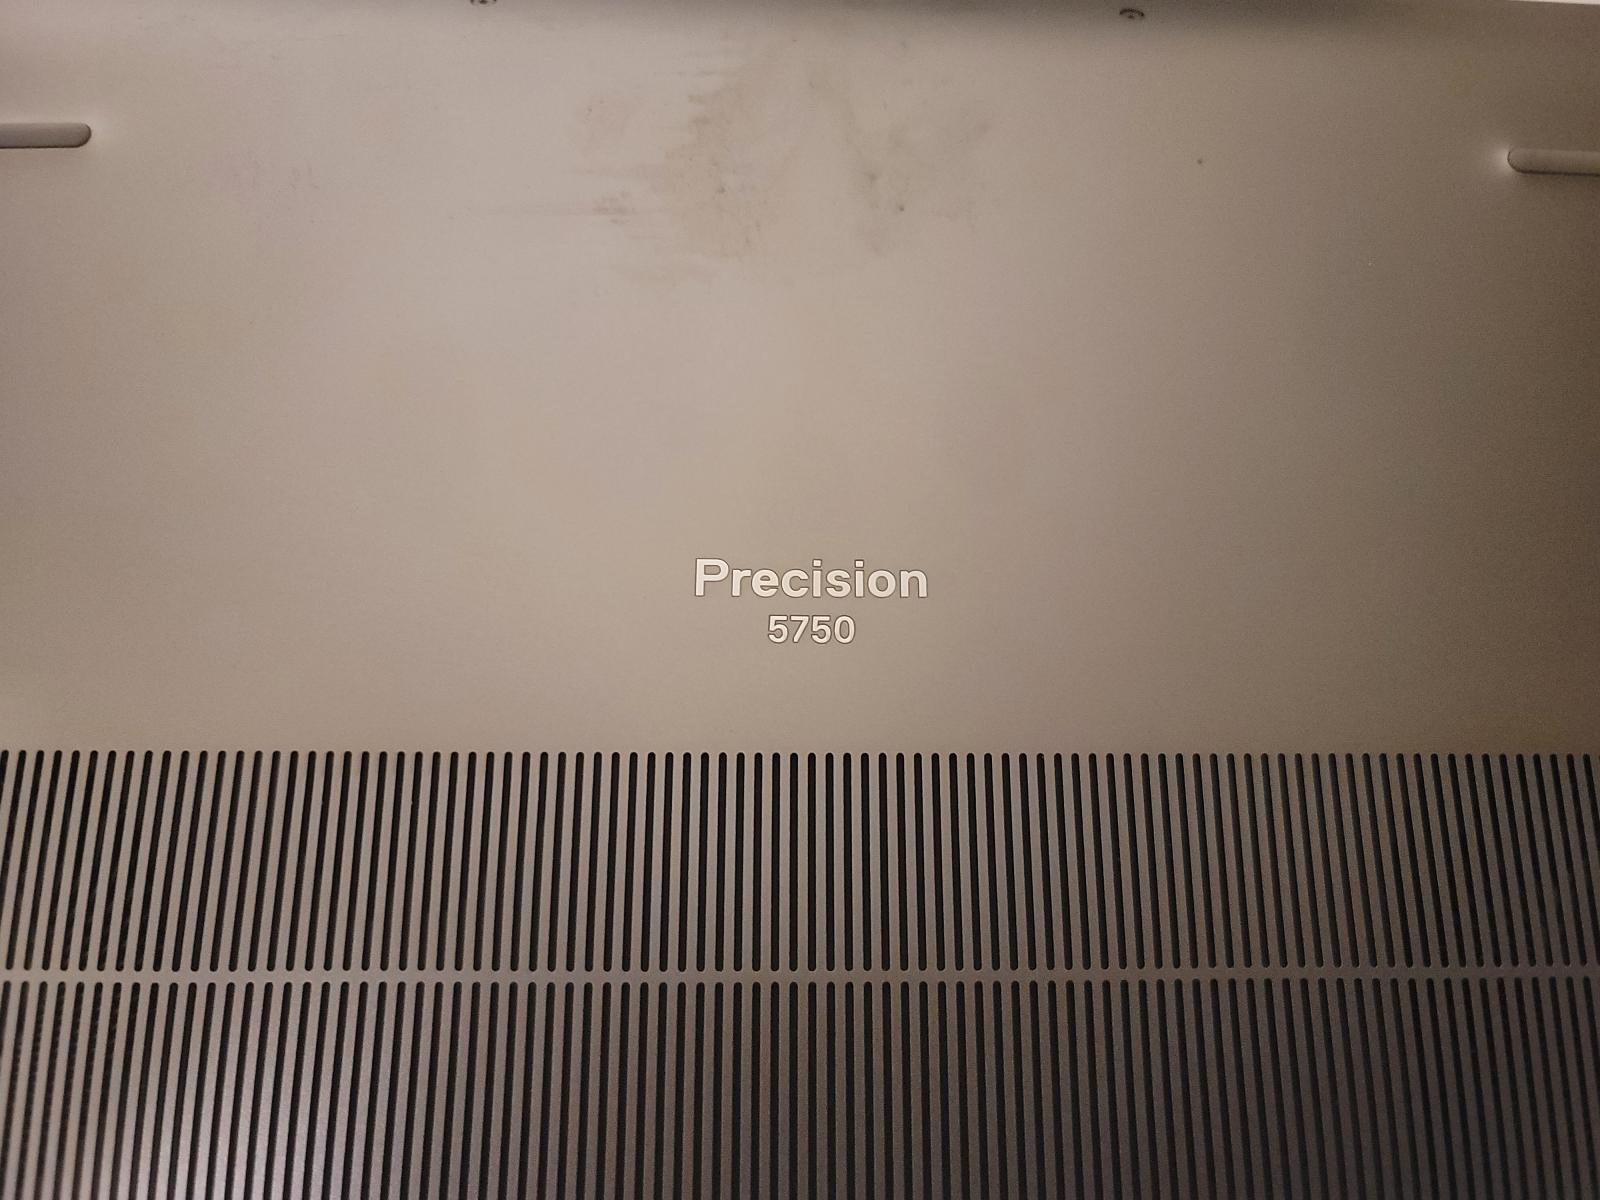 Photo of Dell Precision 5750 i7 SN:6Q0SW93